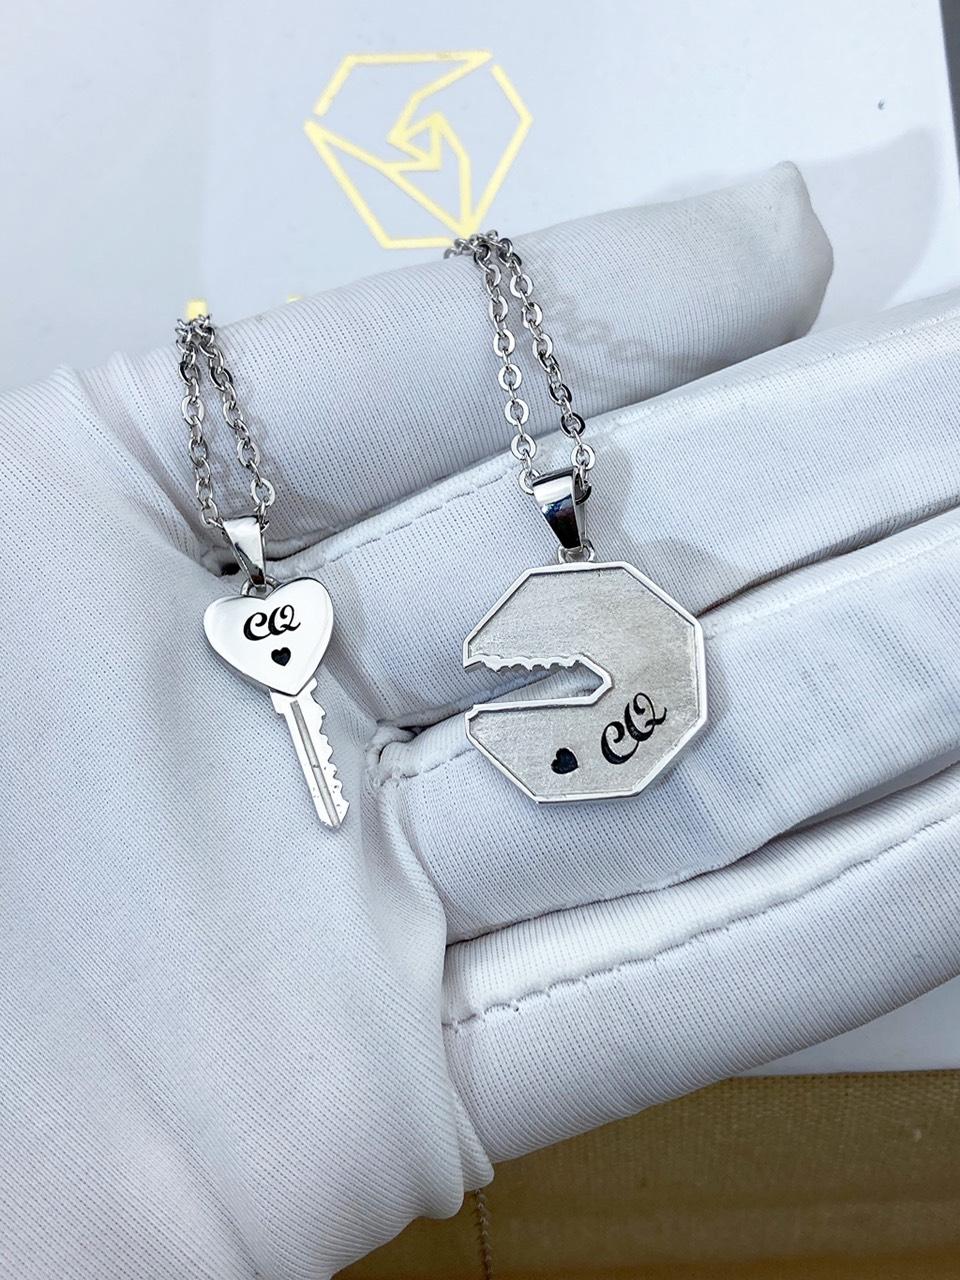 Dây chuyền bạc đôi - Dây chuyền bạc cặp - Dây chuyền bạc cho couple